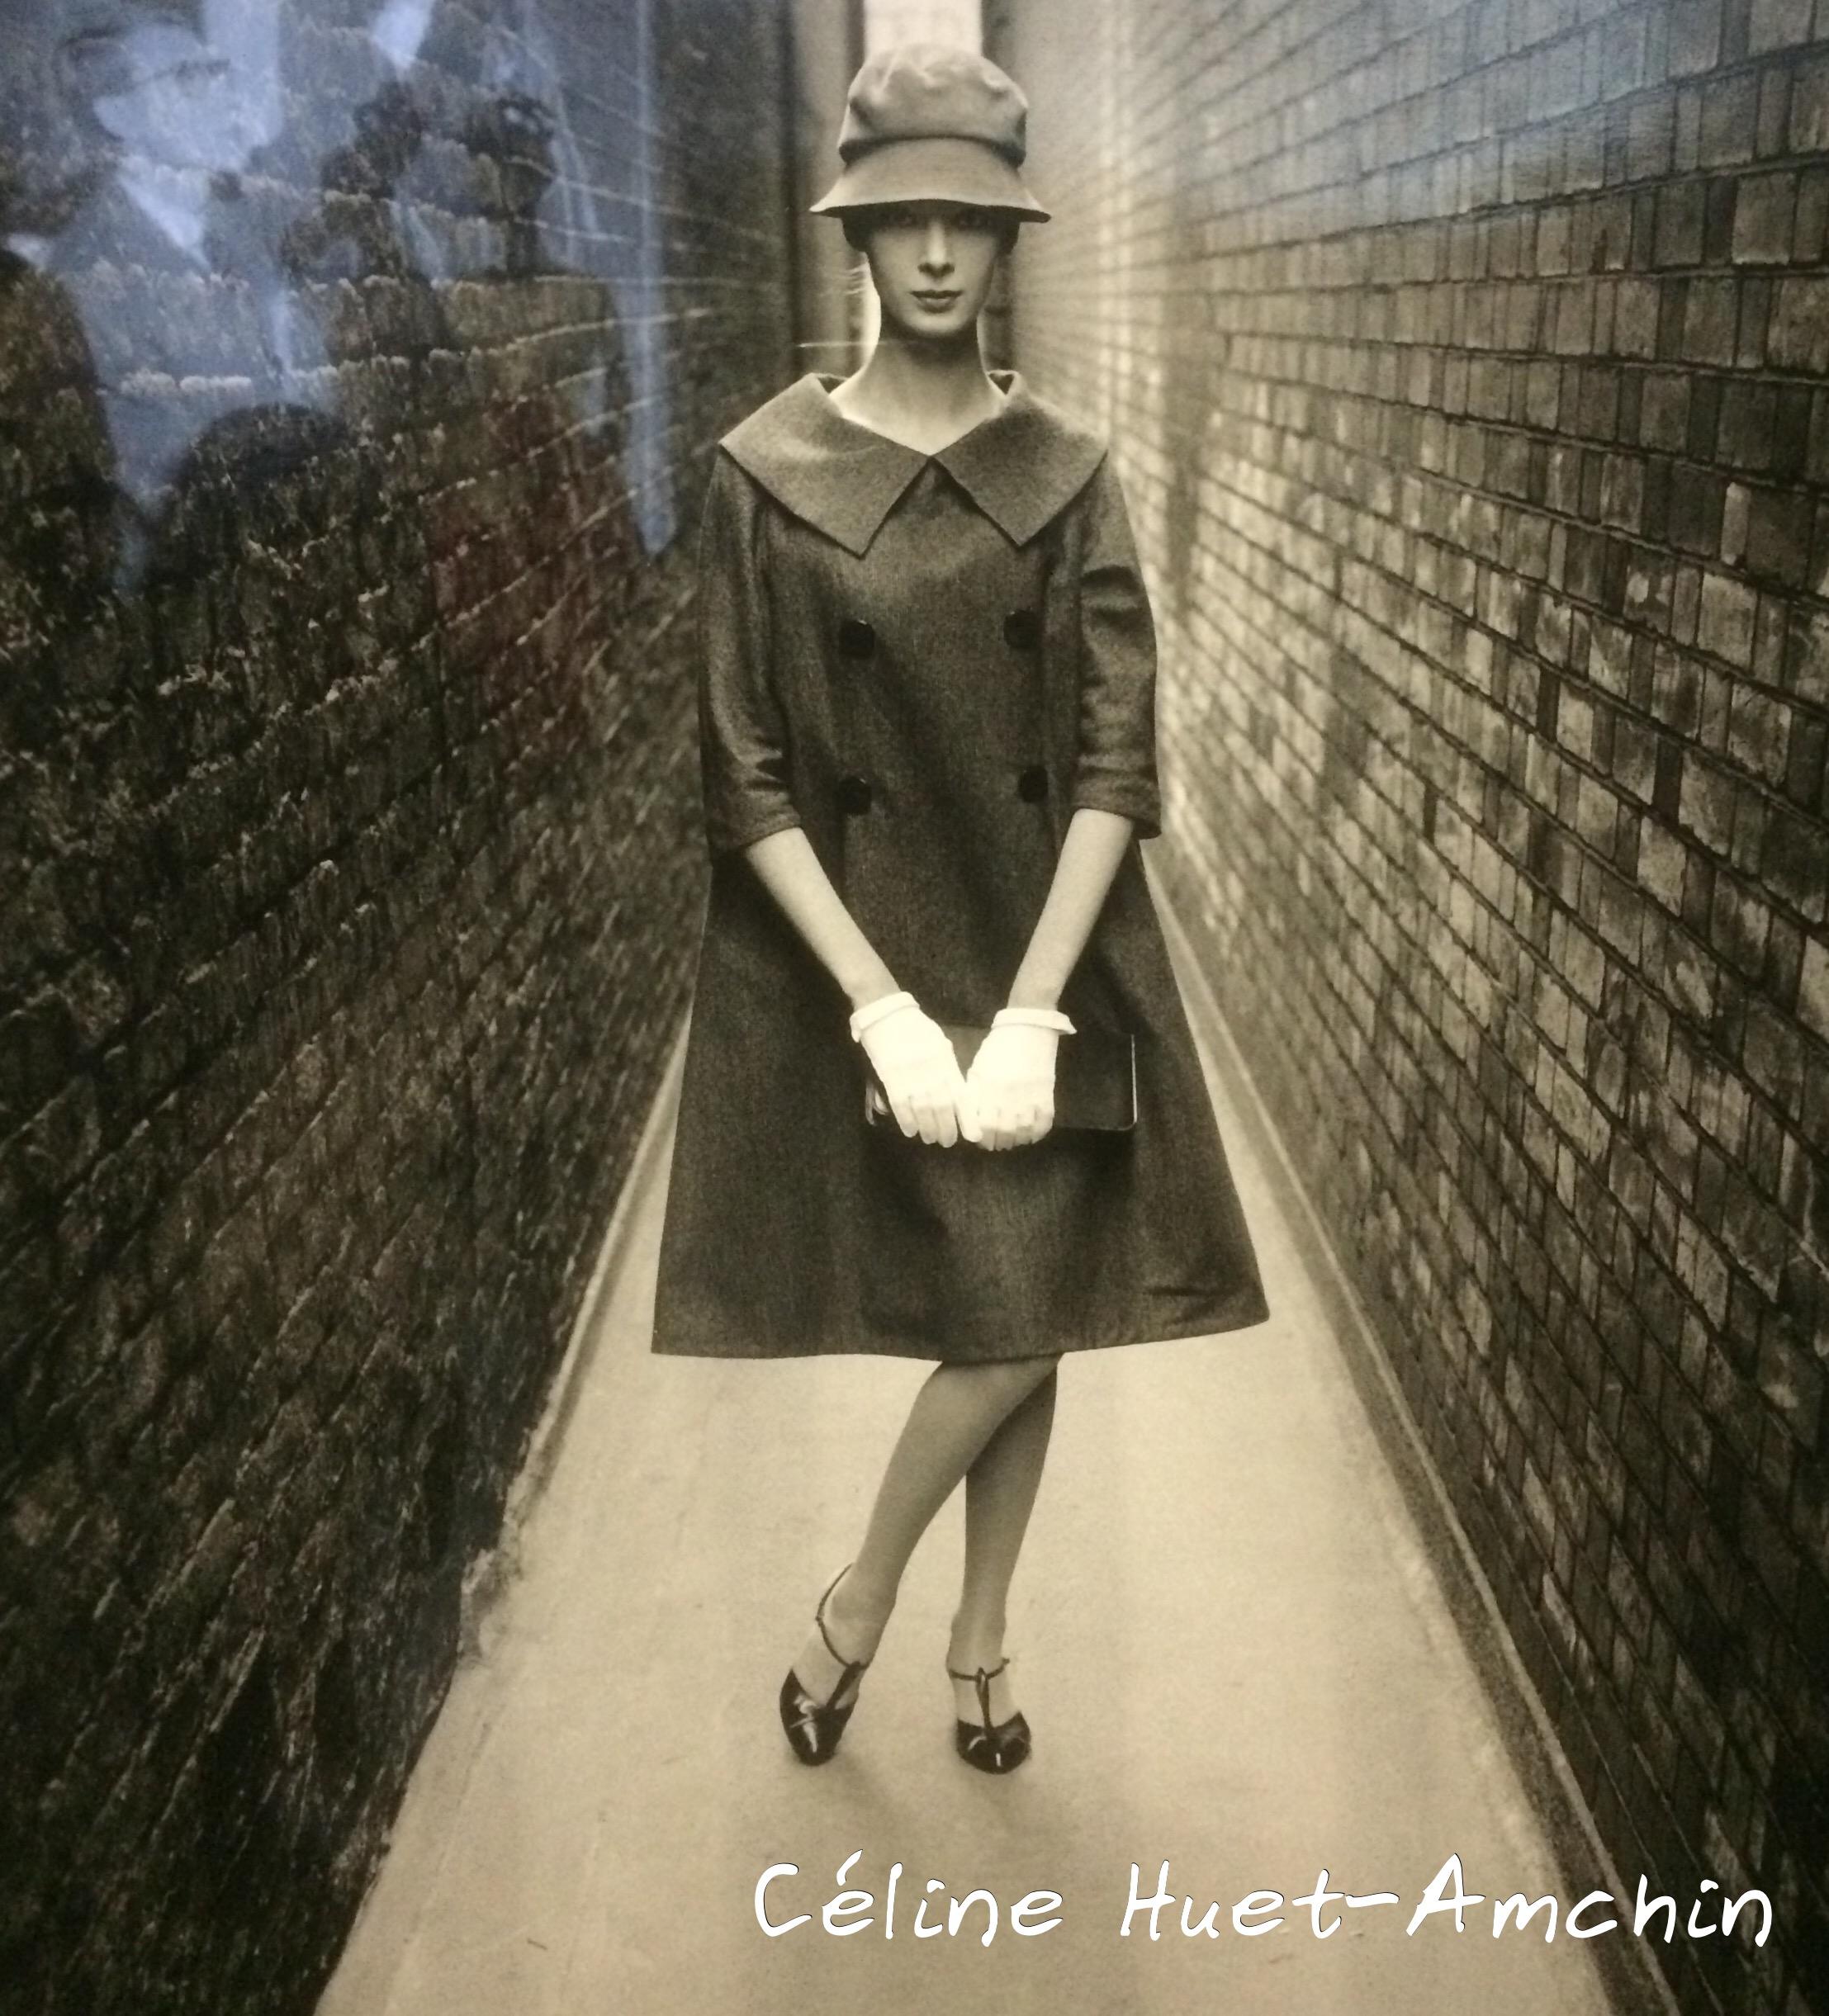 Exposition Christian Dior, couturier du rêve Les Arts Décoratifs Paris